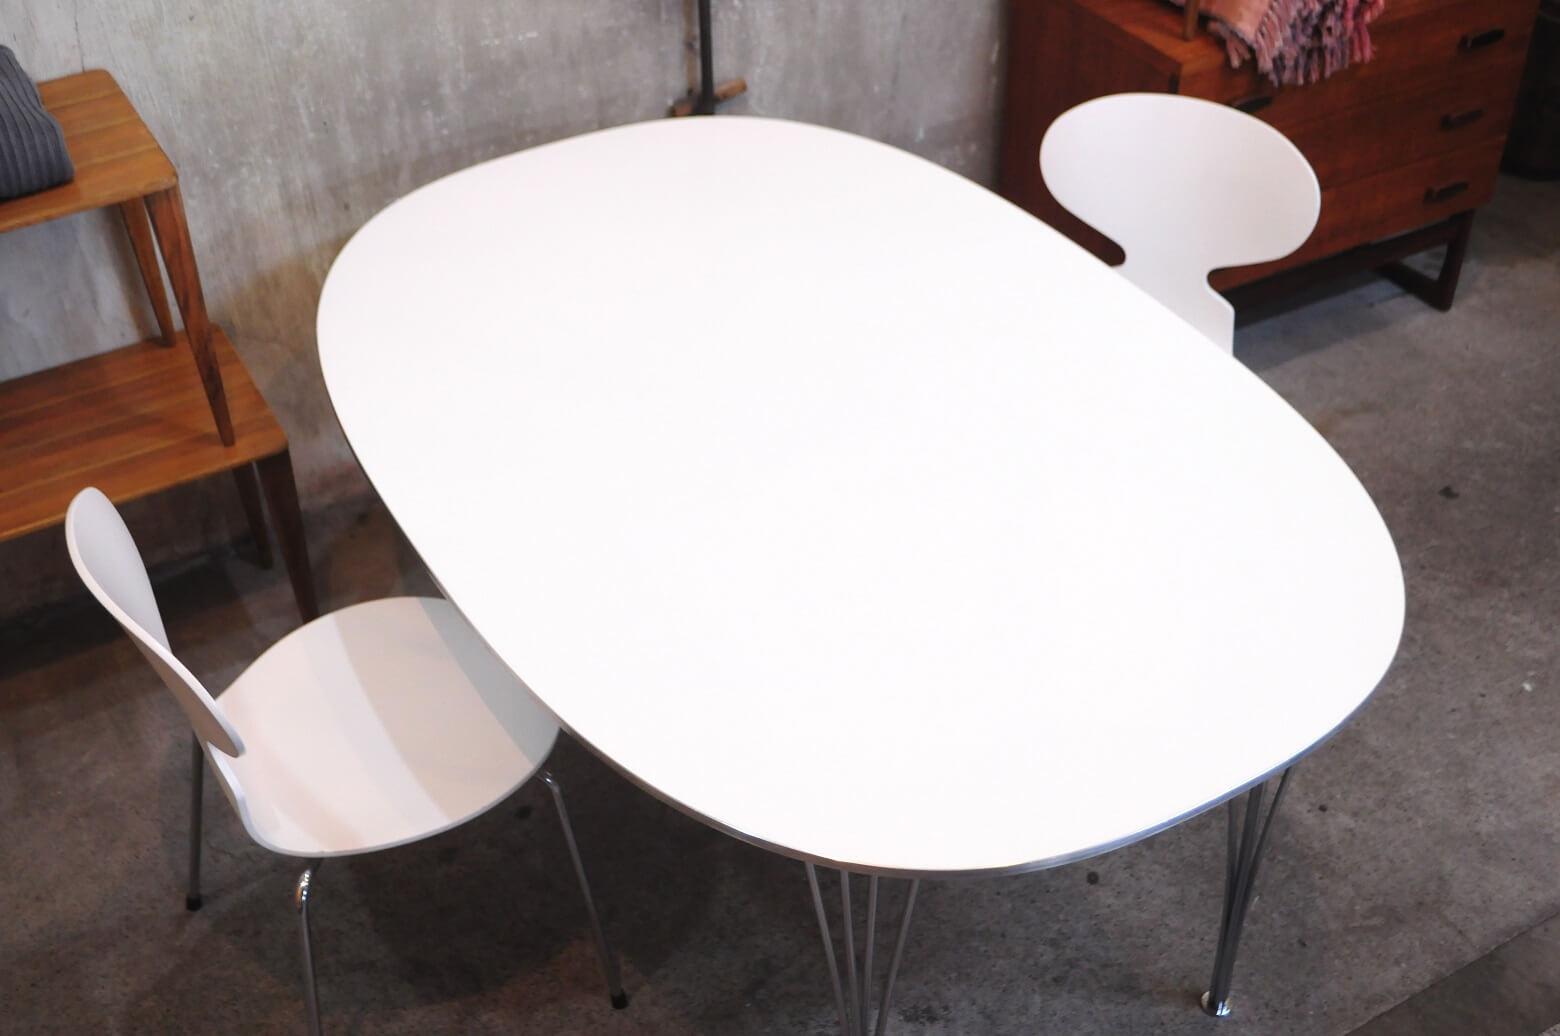 ピート・ハインは建築家でもデザイナーでもなく、哲学者にして詩人、 そして数学者といった 肩書きこそふさわしい人物です。 そんな彼がストックホルムの中心部にあるセルゲル広場のために、 制作したテーブルが新しい楕円形「スーパー楕円テーブル」です。 スウェーデンのデザイナー、ブルーノ・マテソンと協力し、 このスーパー楕円のフォルムを用いて「スーパー楕円テーブル」を考案。 1968年にフリッツ・ハンセンがこのテーブルの生産を開始しました。 こちらのテーブルは、長方形と楕円を重ねてその中間点を結んで描いた「完璧なラインの楕円」からデザイン。 直線と曲線の間を美しく表現しています。 この楕円でも長方形でもない新しい形は、サイズに関わらず調和するという魅力を持っており、 この計算された形は、テーブルに末席をつくりださない点から民主主義のテーブルとも言われています。 北欧モダンインテリアの代名詞ともいえるこちらのテーブル 是非この機会にいかがでしょうか。 ※脚底にゴムが付いておりませんので 床保護の為、フェルト等の使用をおすすめします。